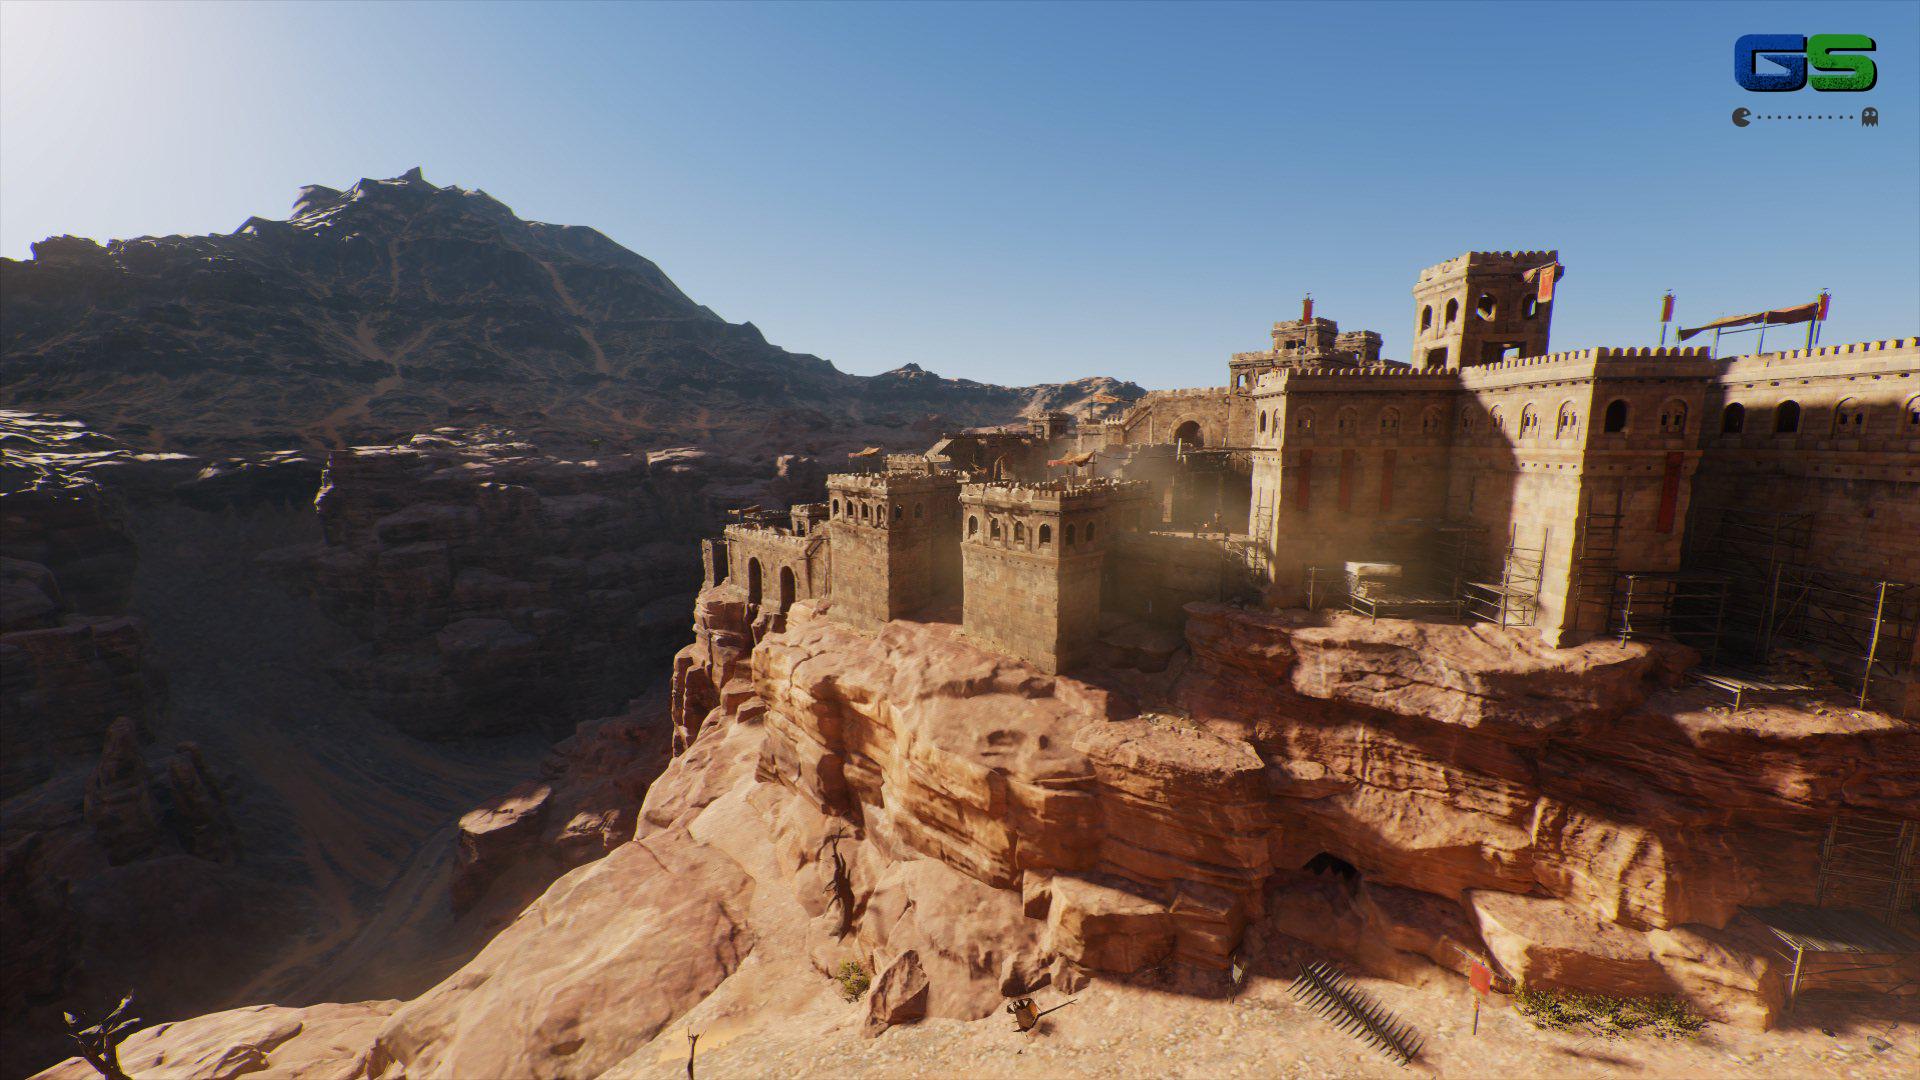 Assassin's Creed Origins - Scatti ottenibili con la modalità foto